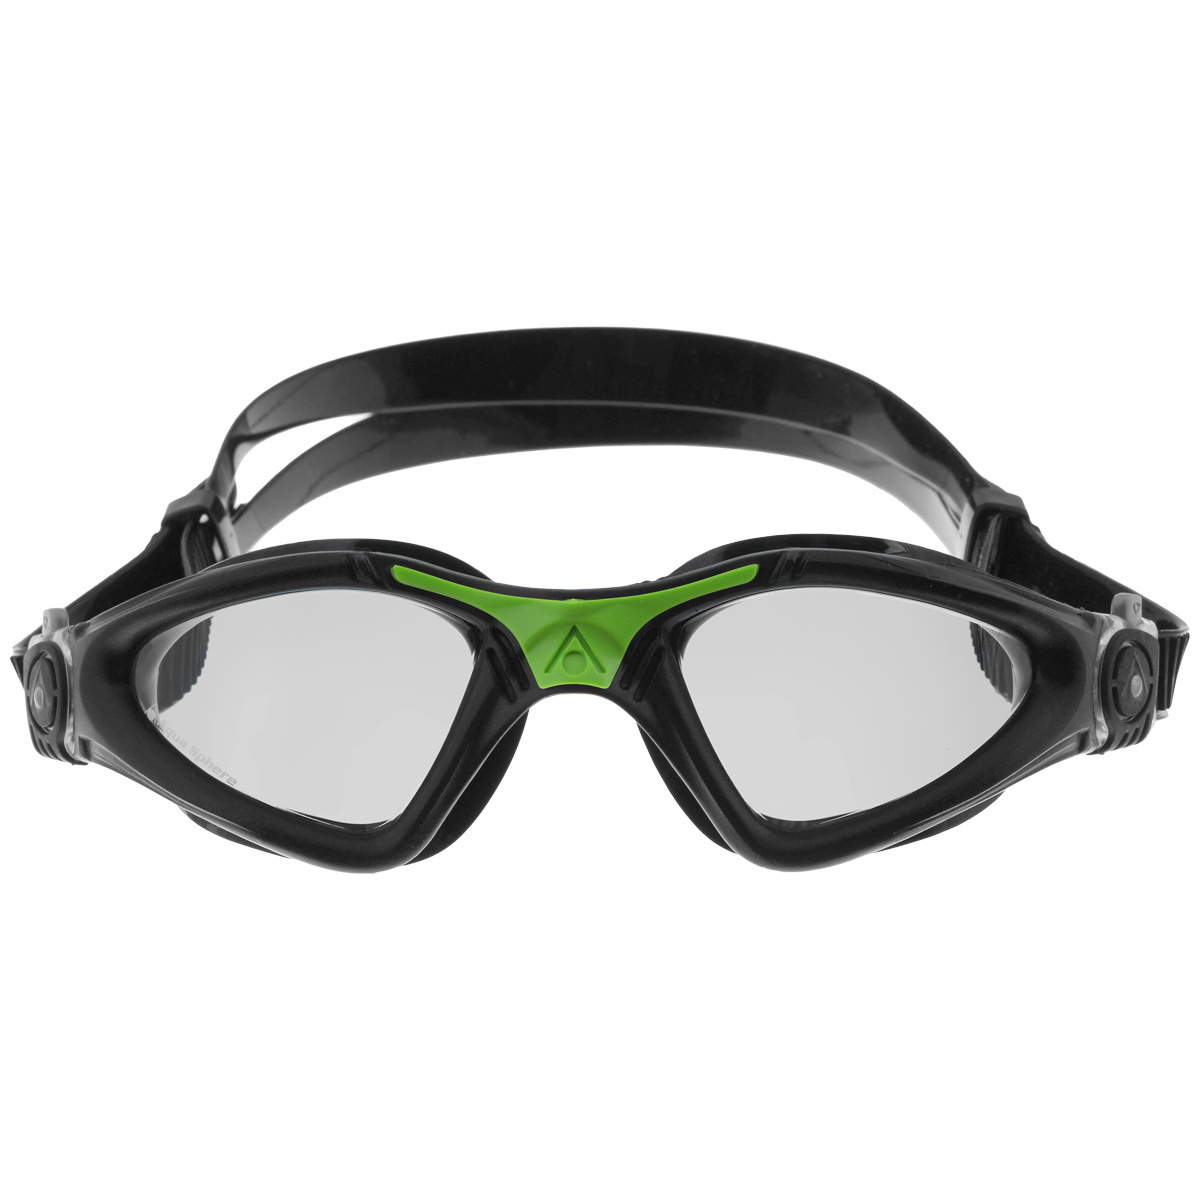 Очки для плавания Aqua Sphere Kayenne, прозрачные линзы, цвет: черный, зеленый цена